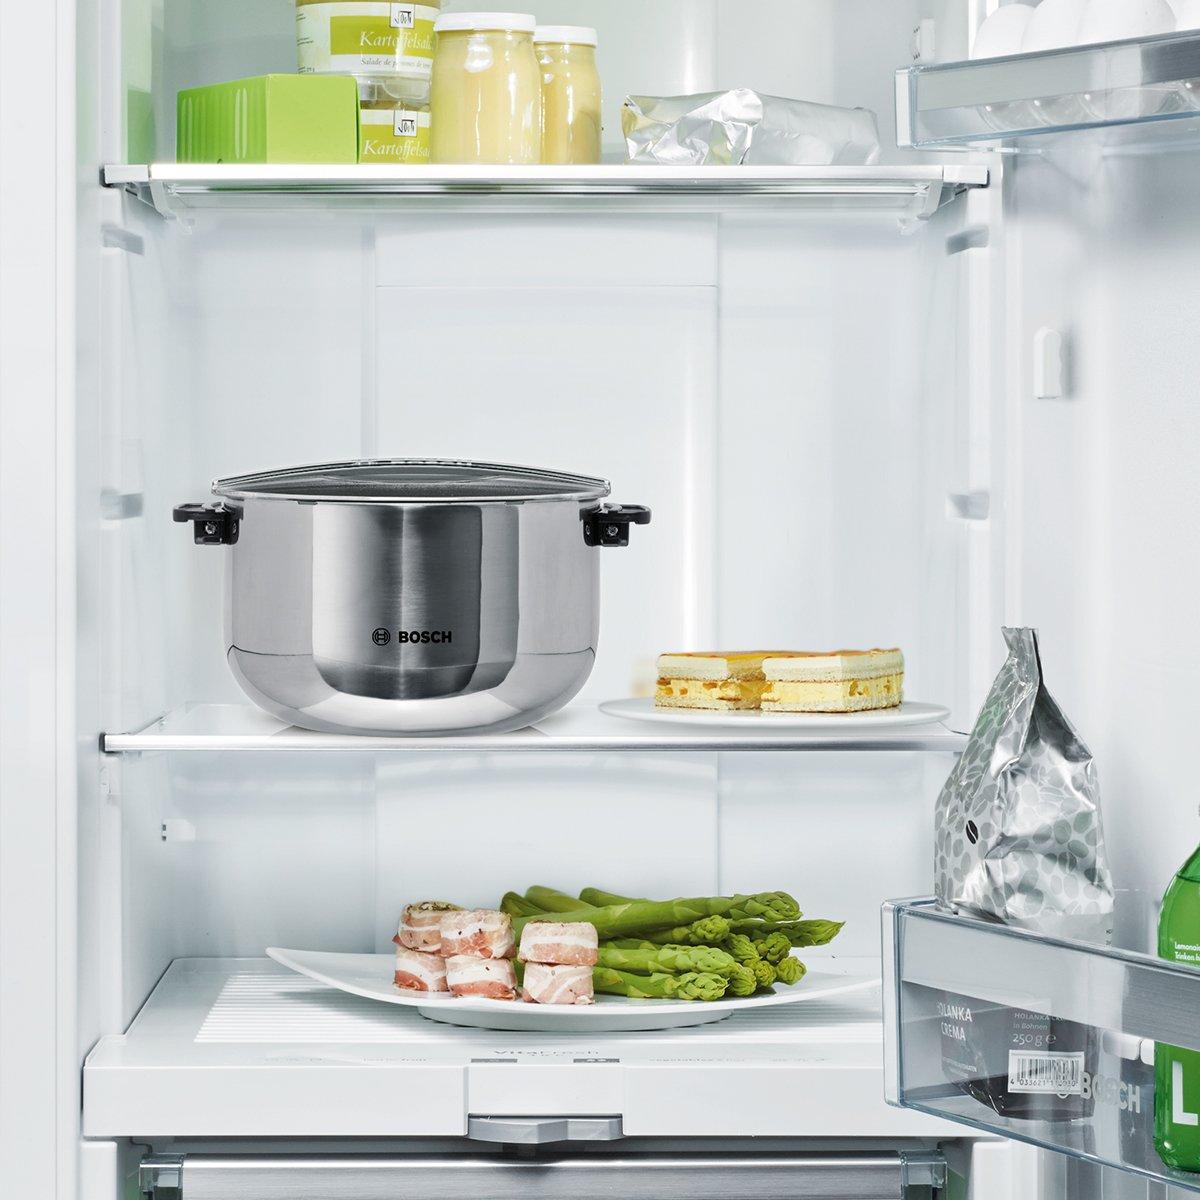 Amazon.es: Bosch Electrodomésticos: Cocina